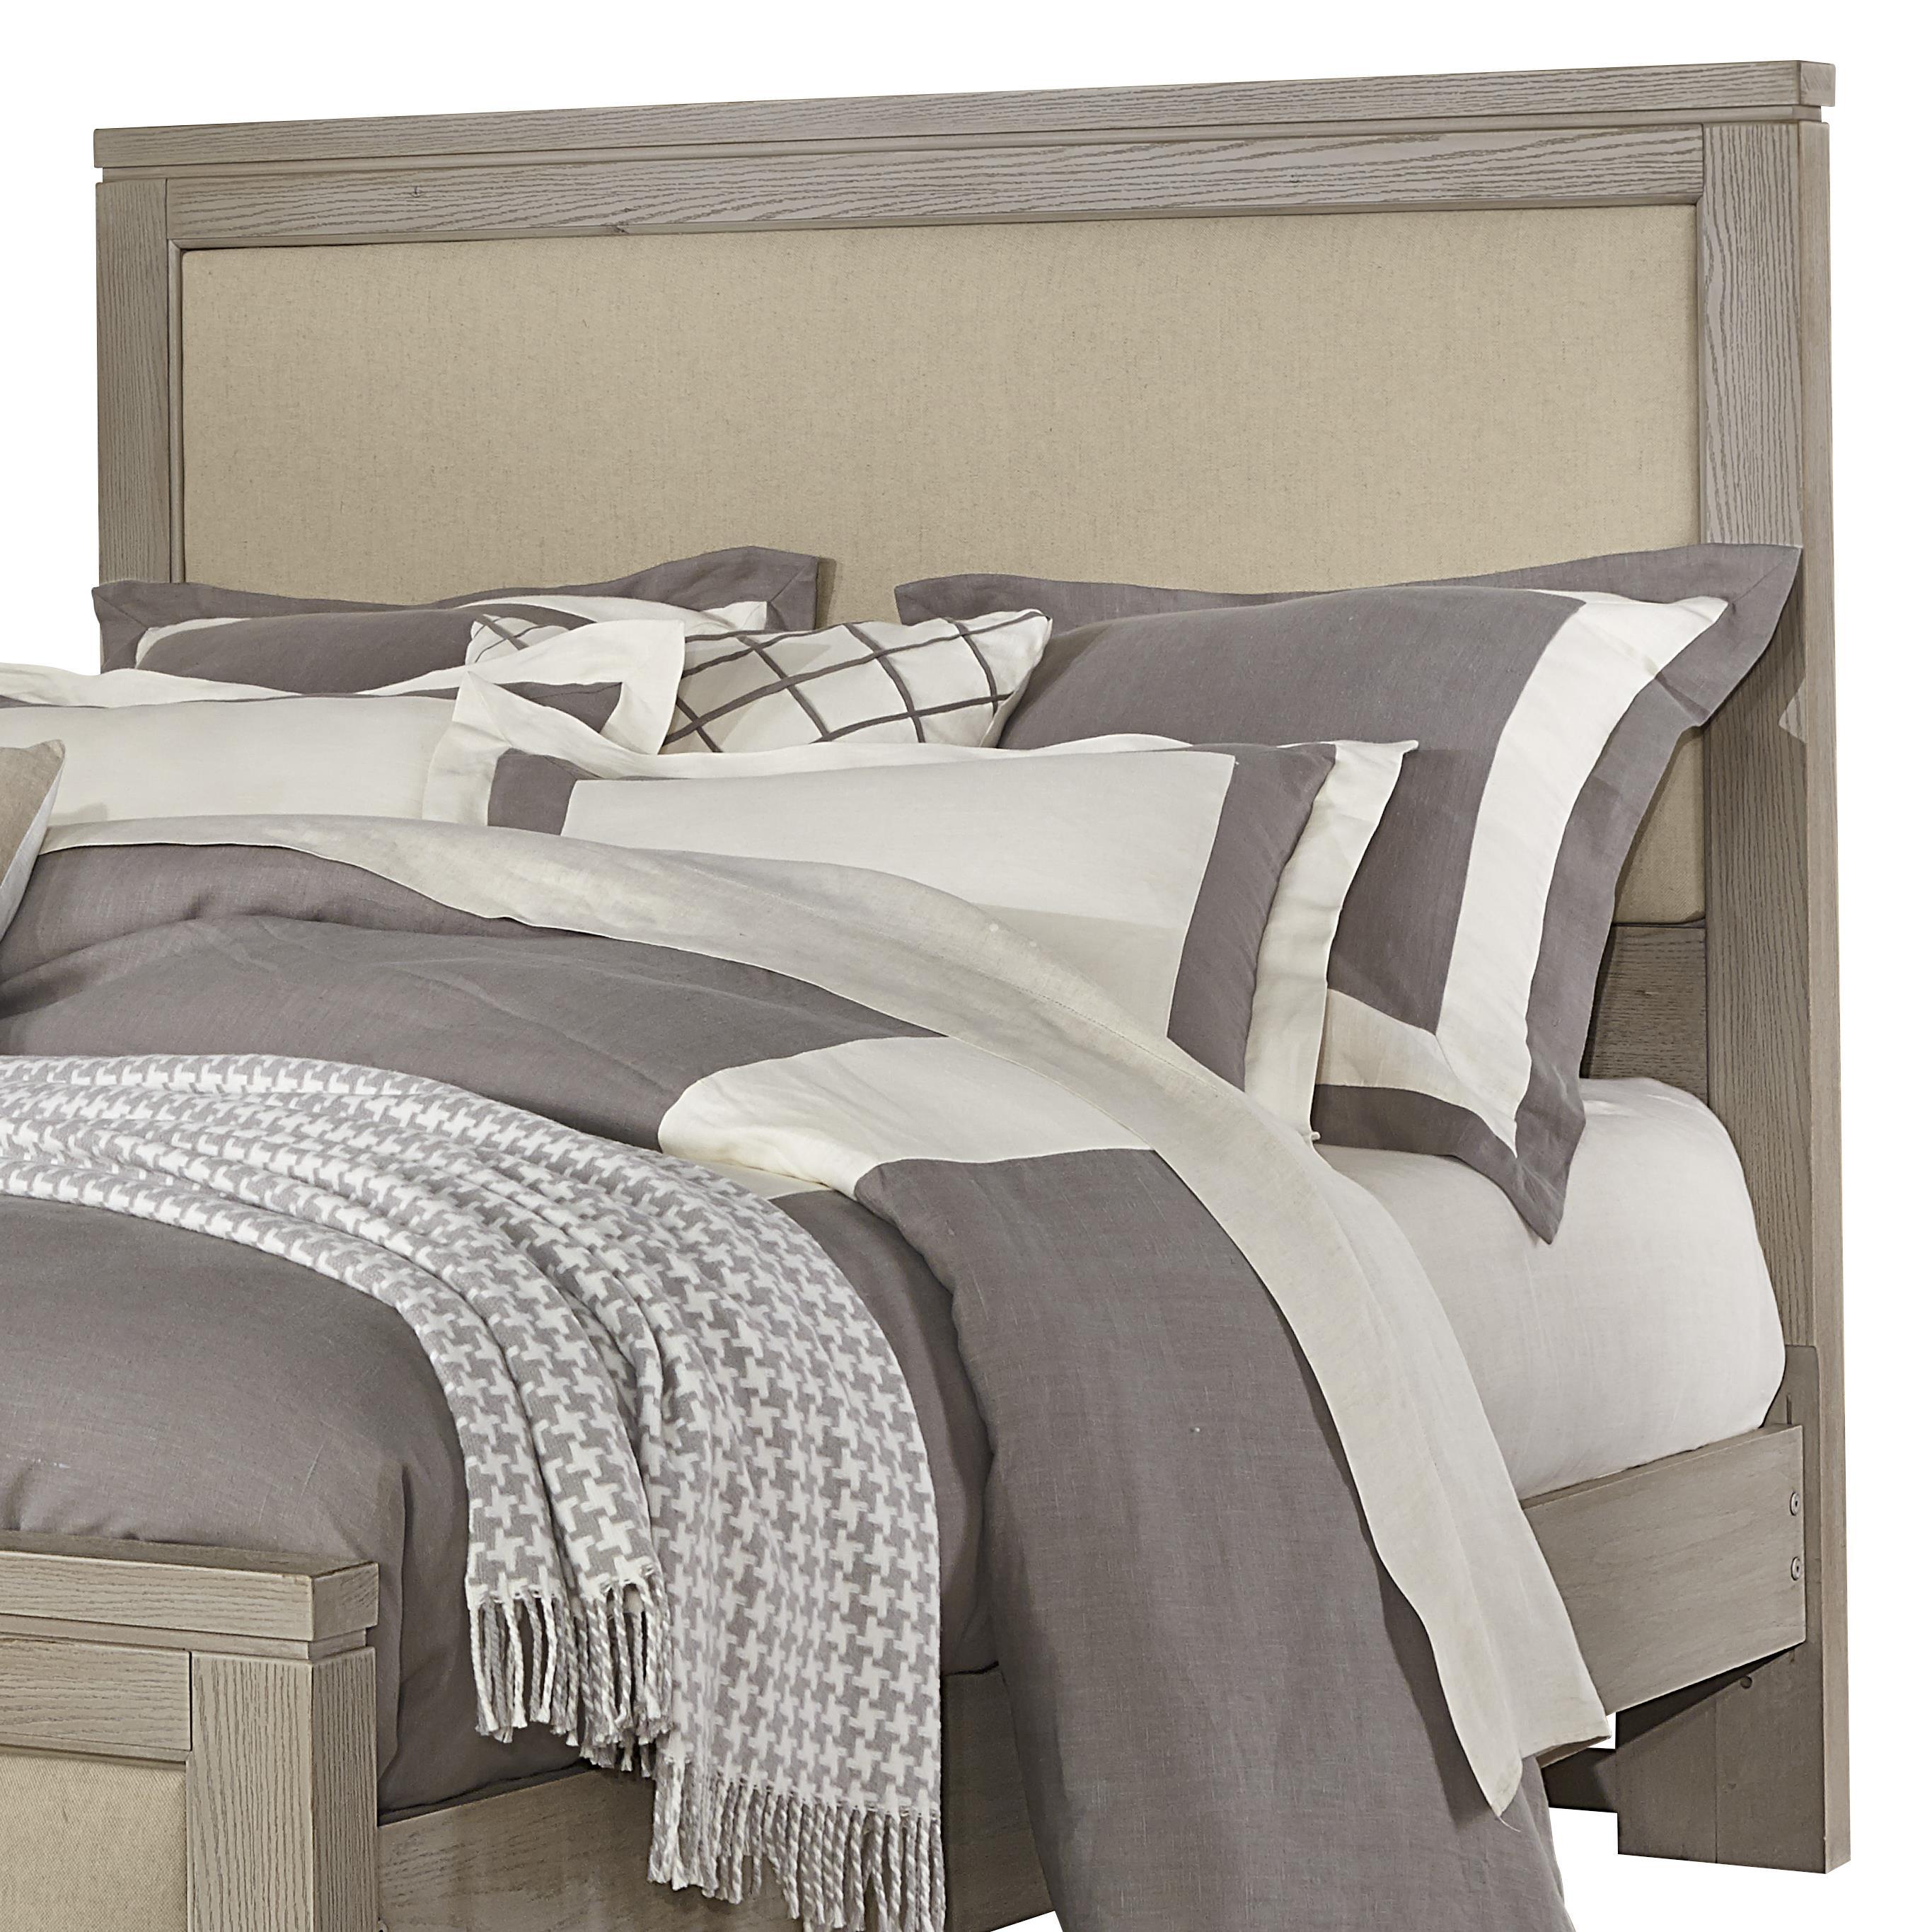 Vaughan Bassett Kismet King Upholstered Headboard, Base Cloth Linen - Item Number: 412-669